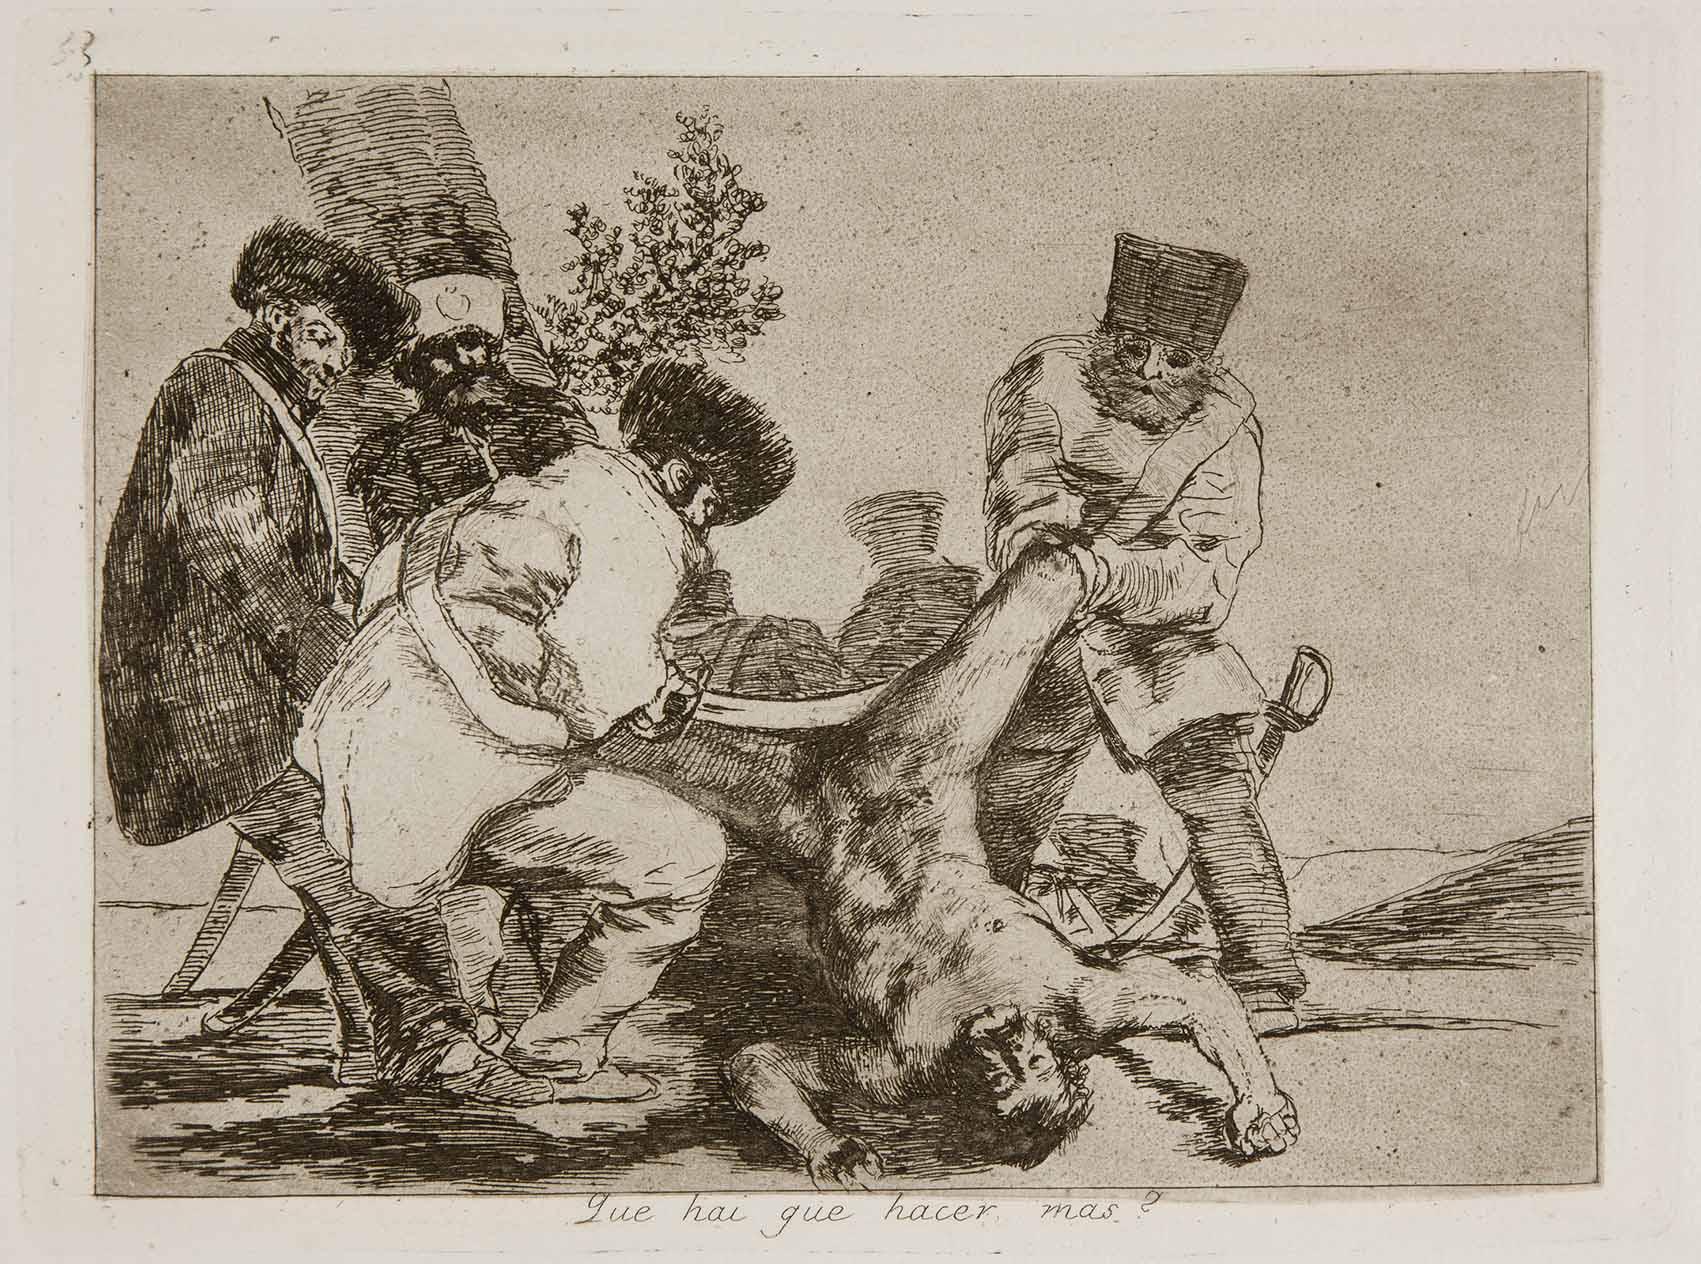 Goya: la angustiosa mirada de un trágico 2 de mayo Artes & contextos Prado Los Desastres de la Guerra No. 33 Que hai que hacer mas